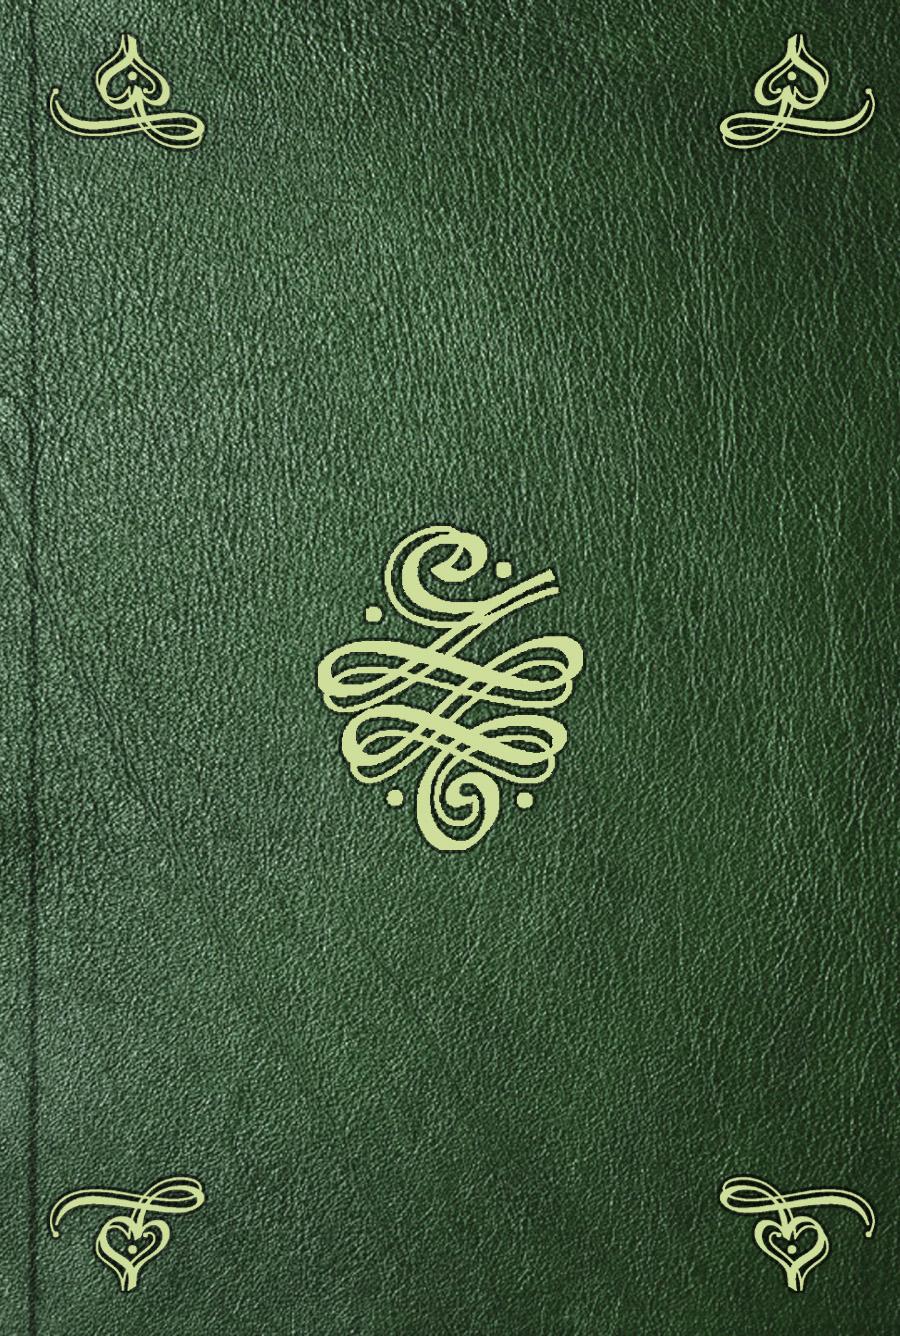 Emmanuel-Auguste-Dieudonné Las Cases Letters from the count de Las Cases